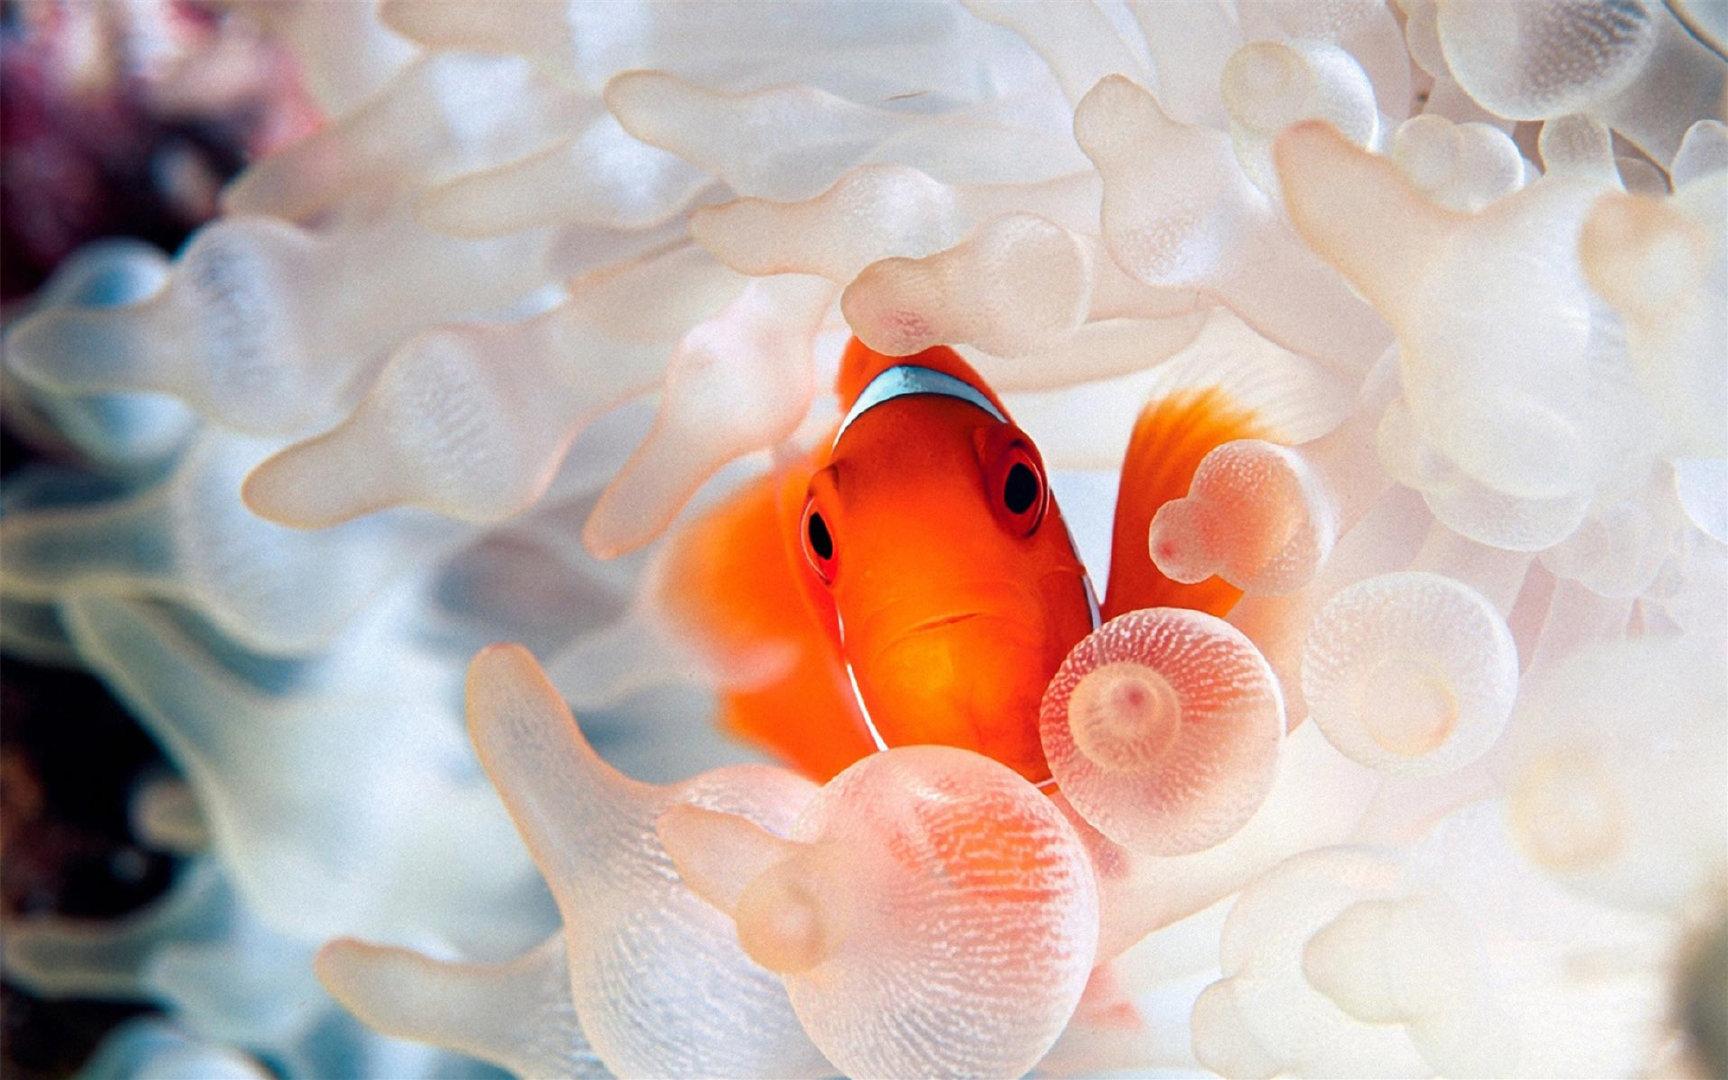 海洋世界和海葵相依为命的小丑鱼高清电脑壁纸